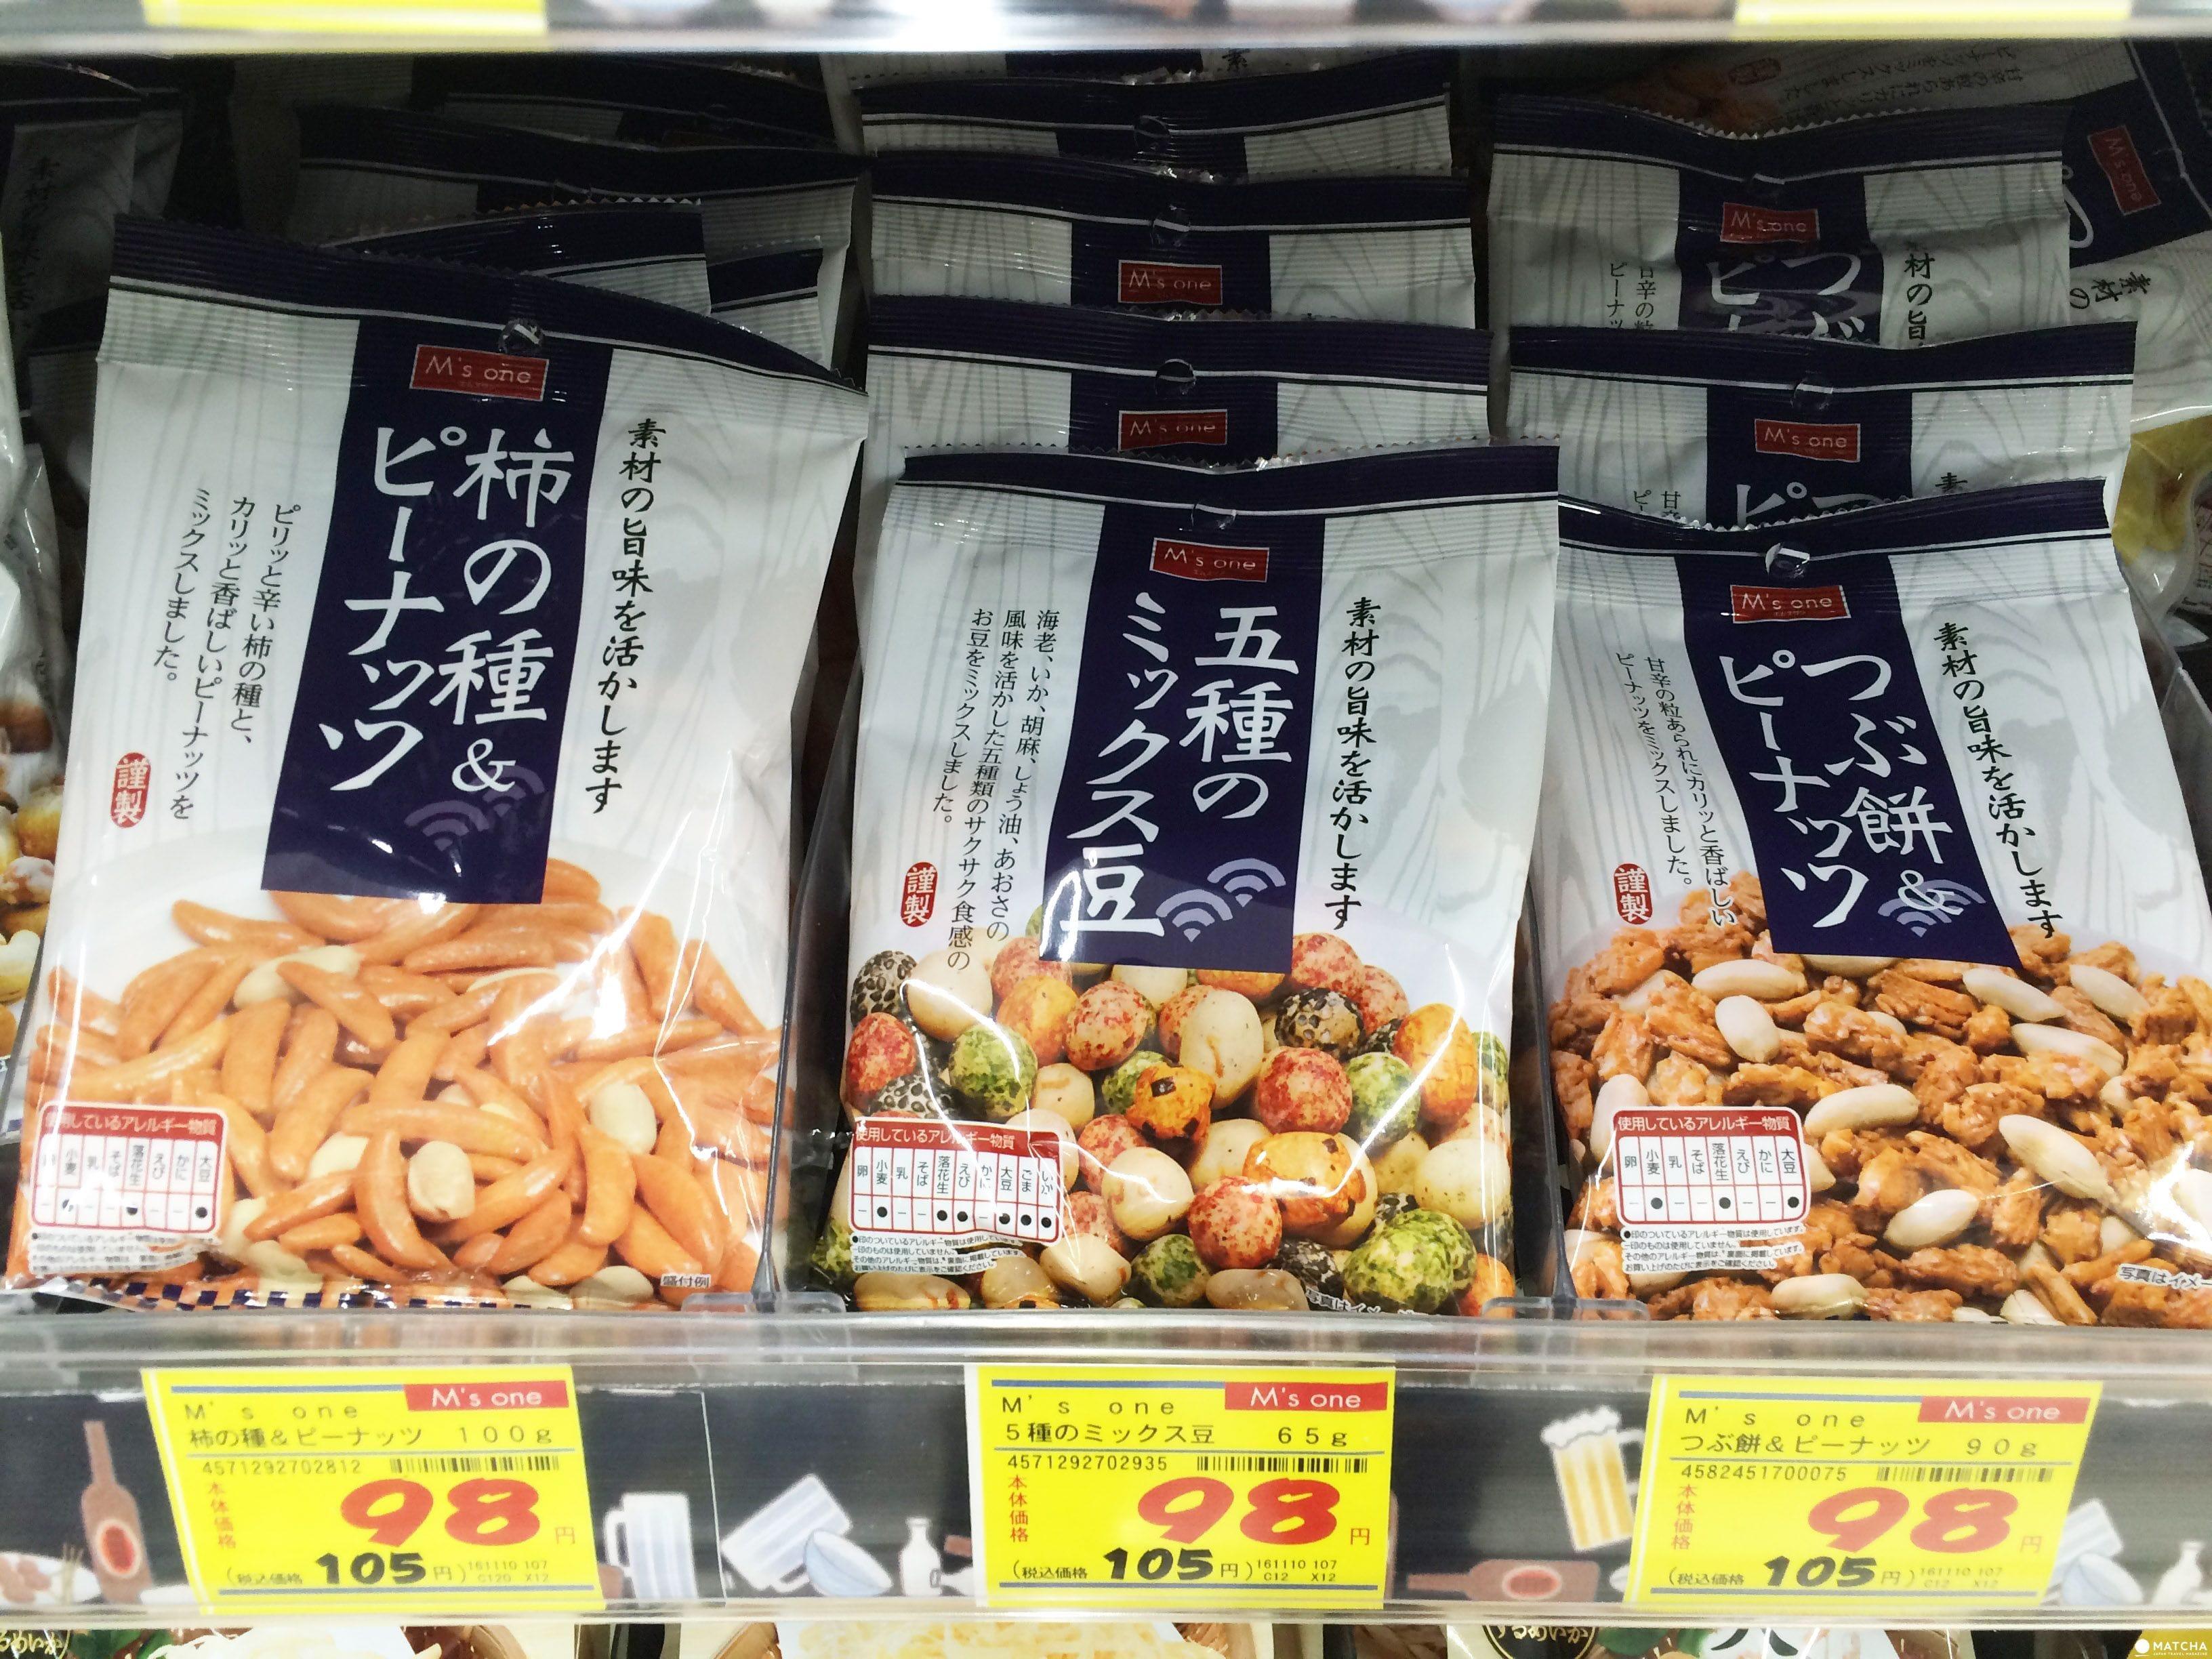 【上篇】日本人喝酒配這個!日本超商超市的下酒零食推薦